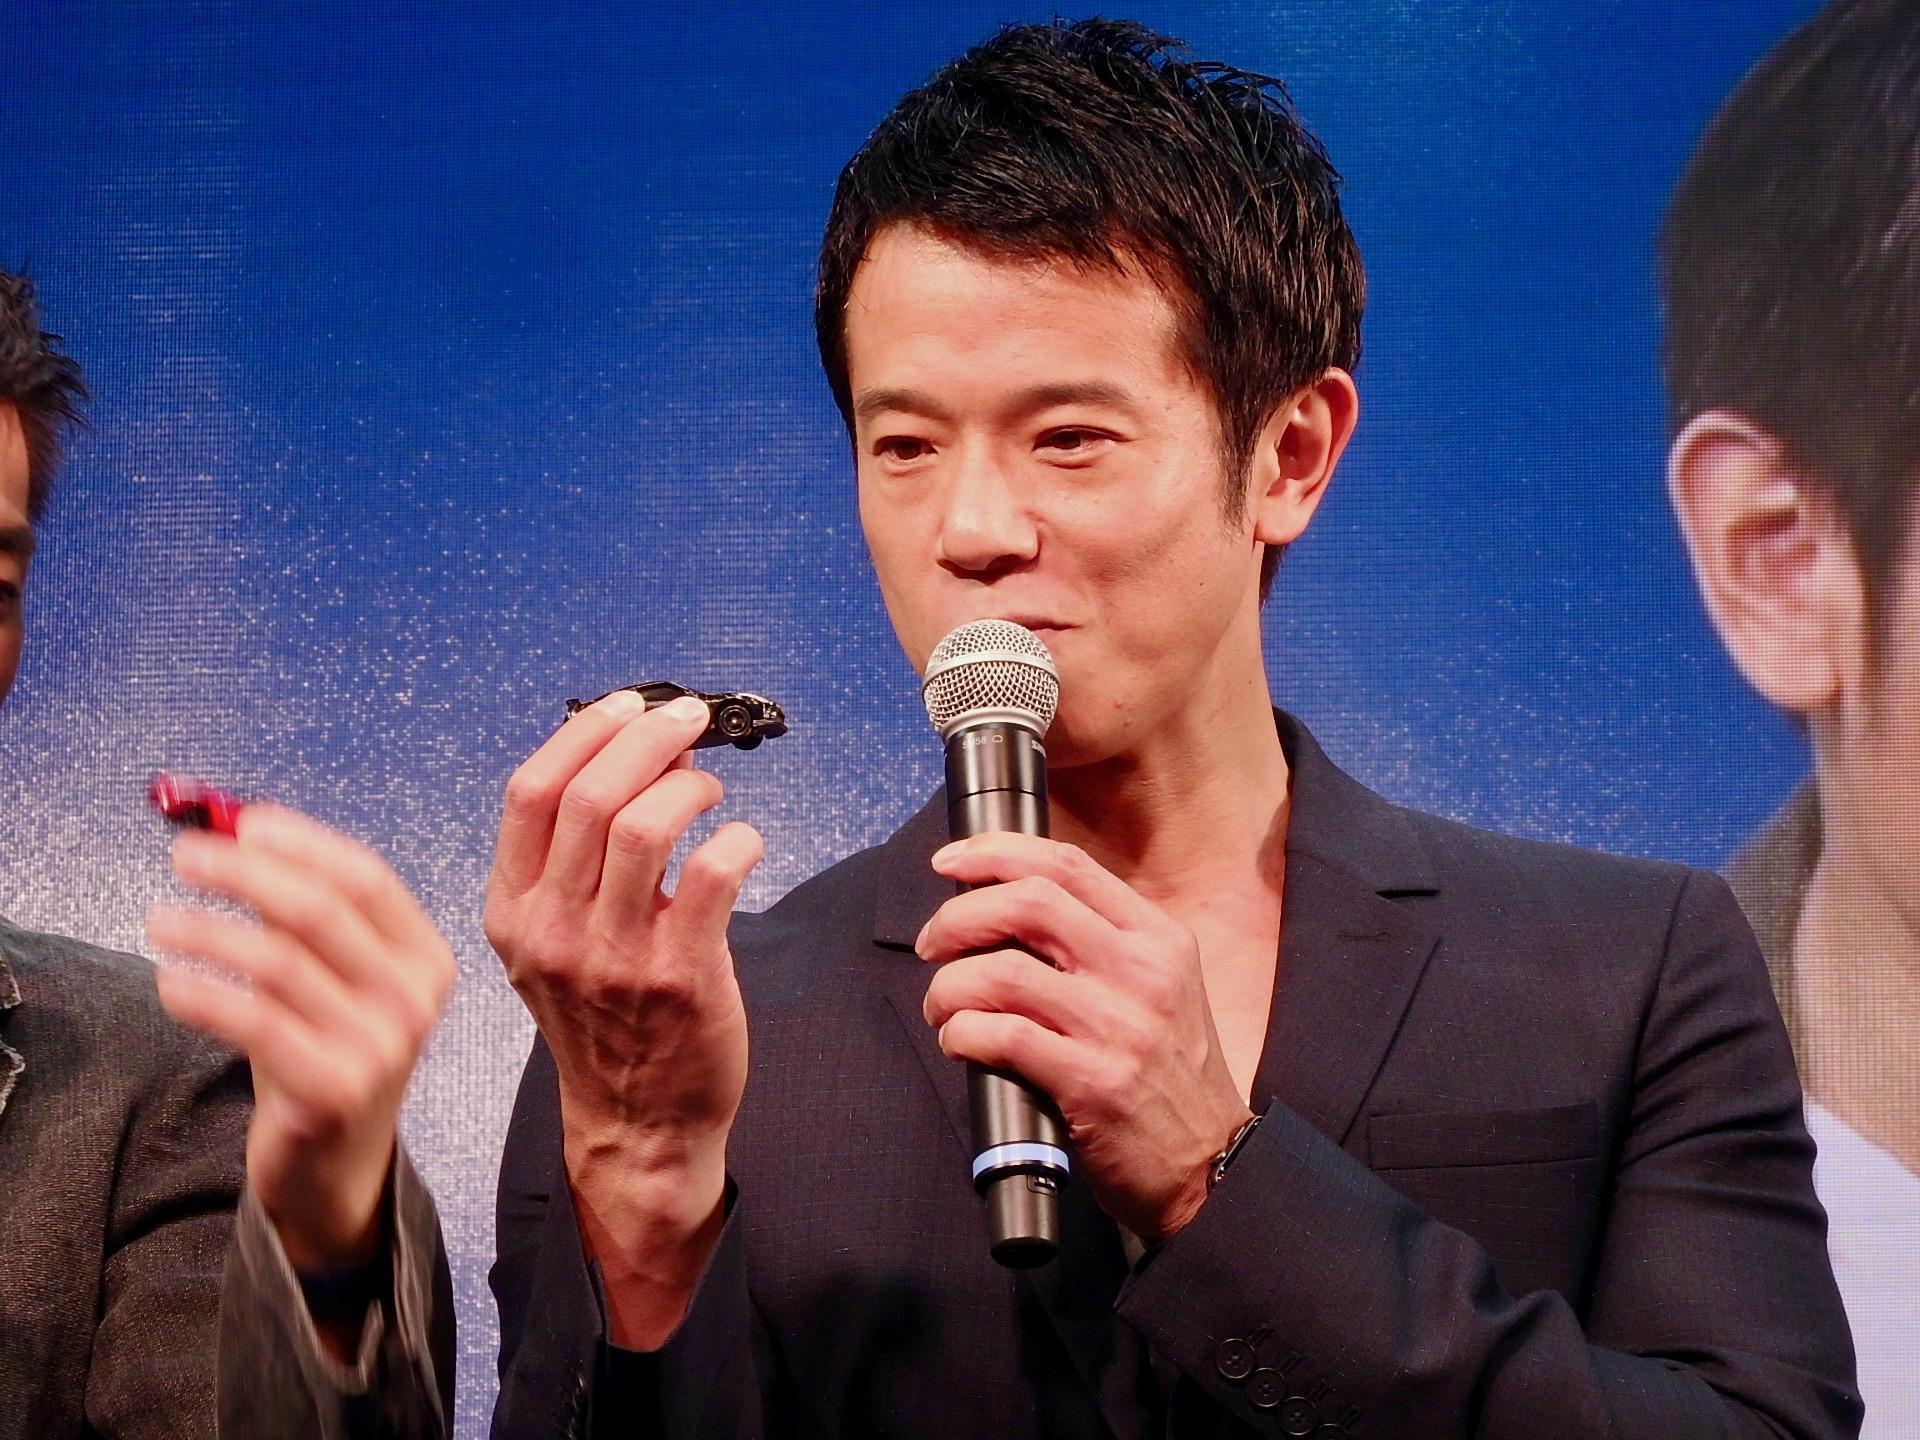 http://news.yoshimoto.co.jp/20180608080444-e5758ba84a89056a5850328f6c5f44f29ba0c989.jpg